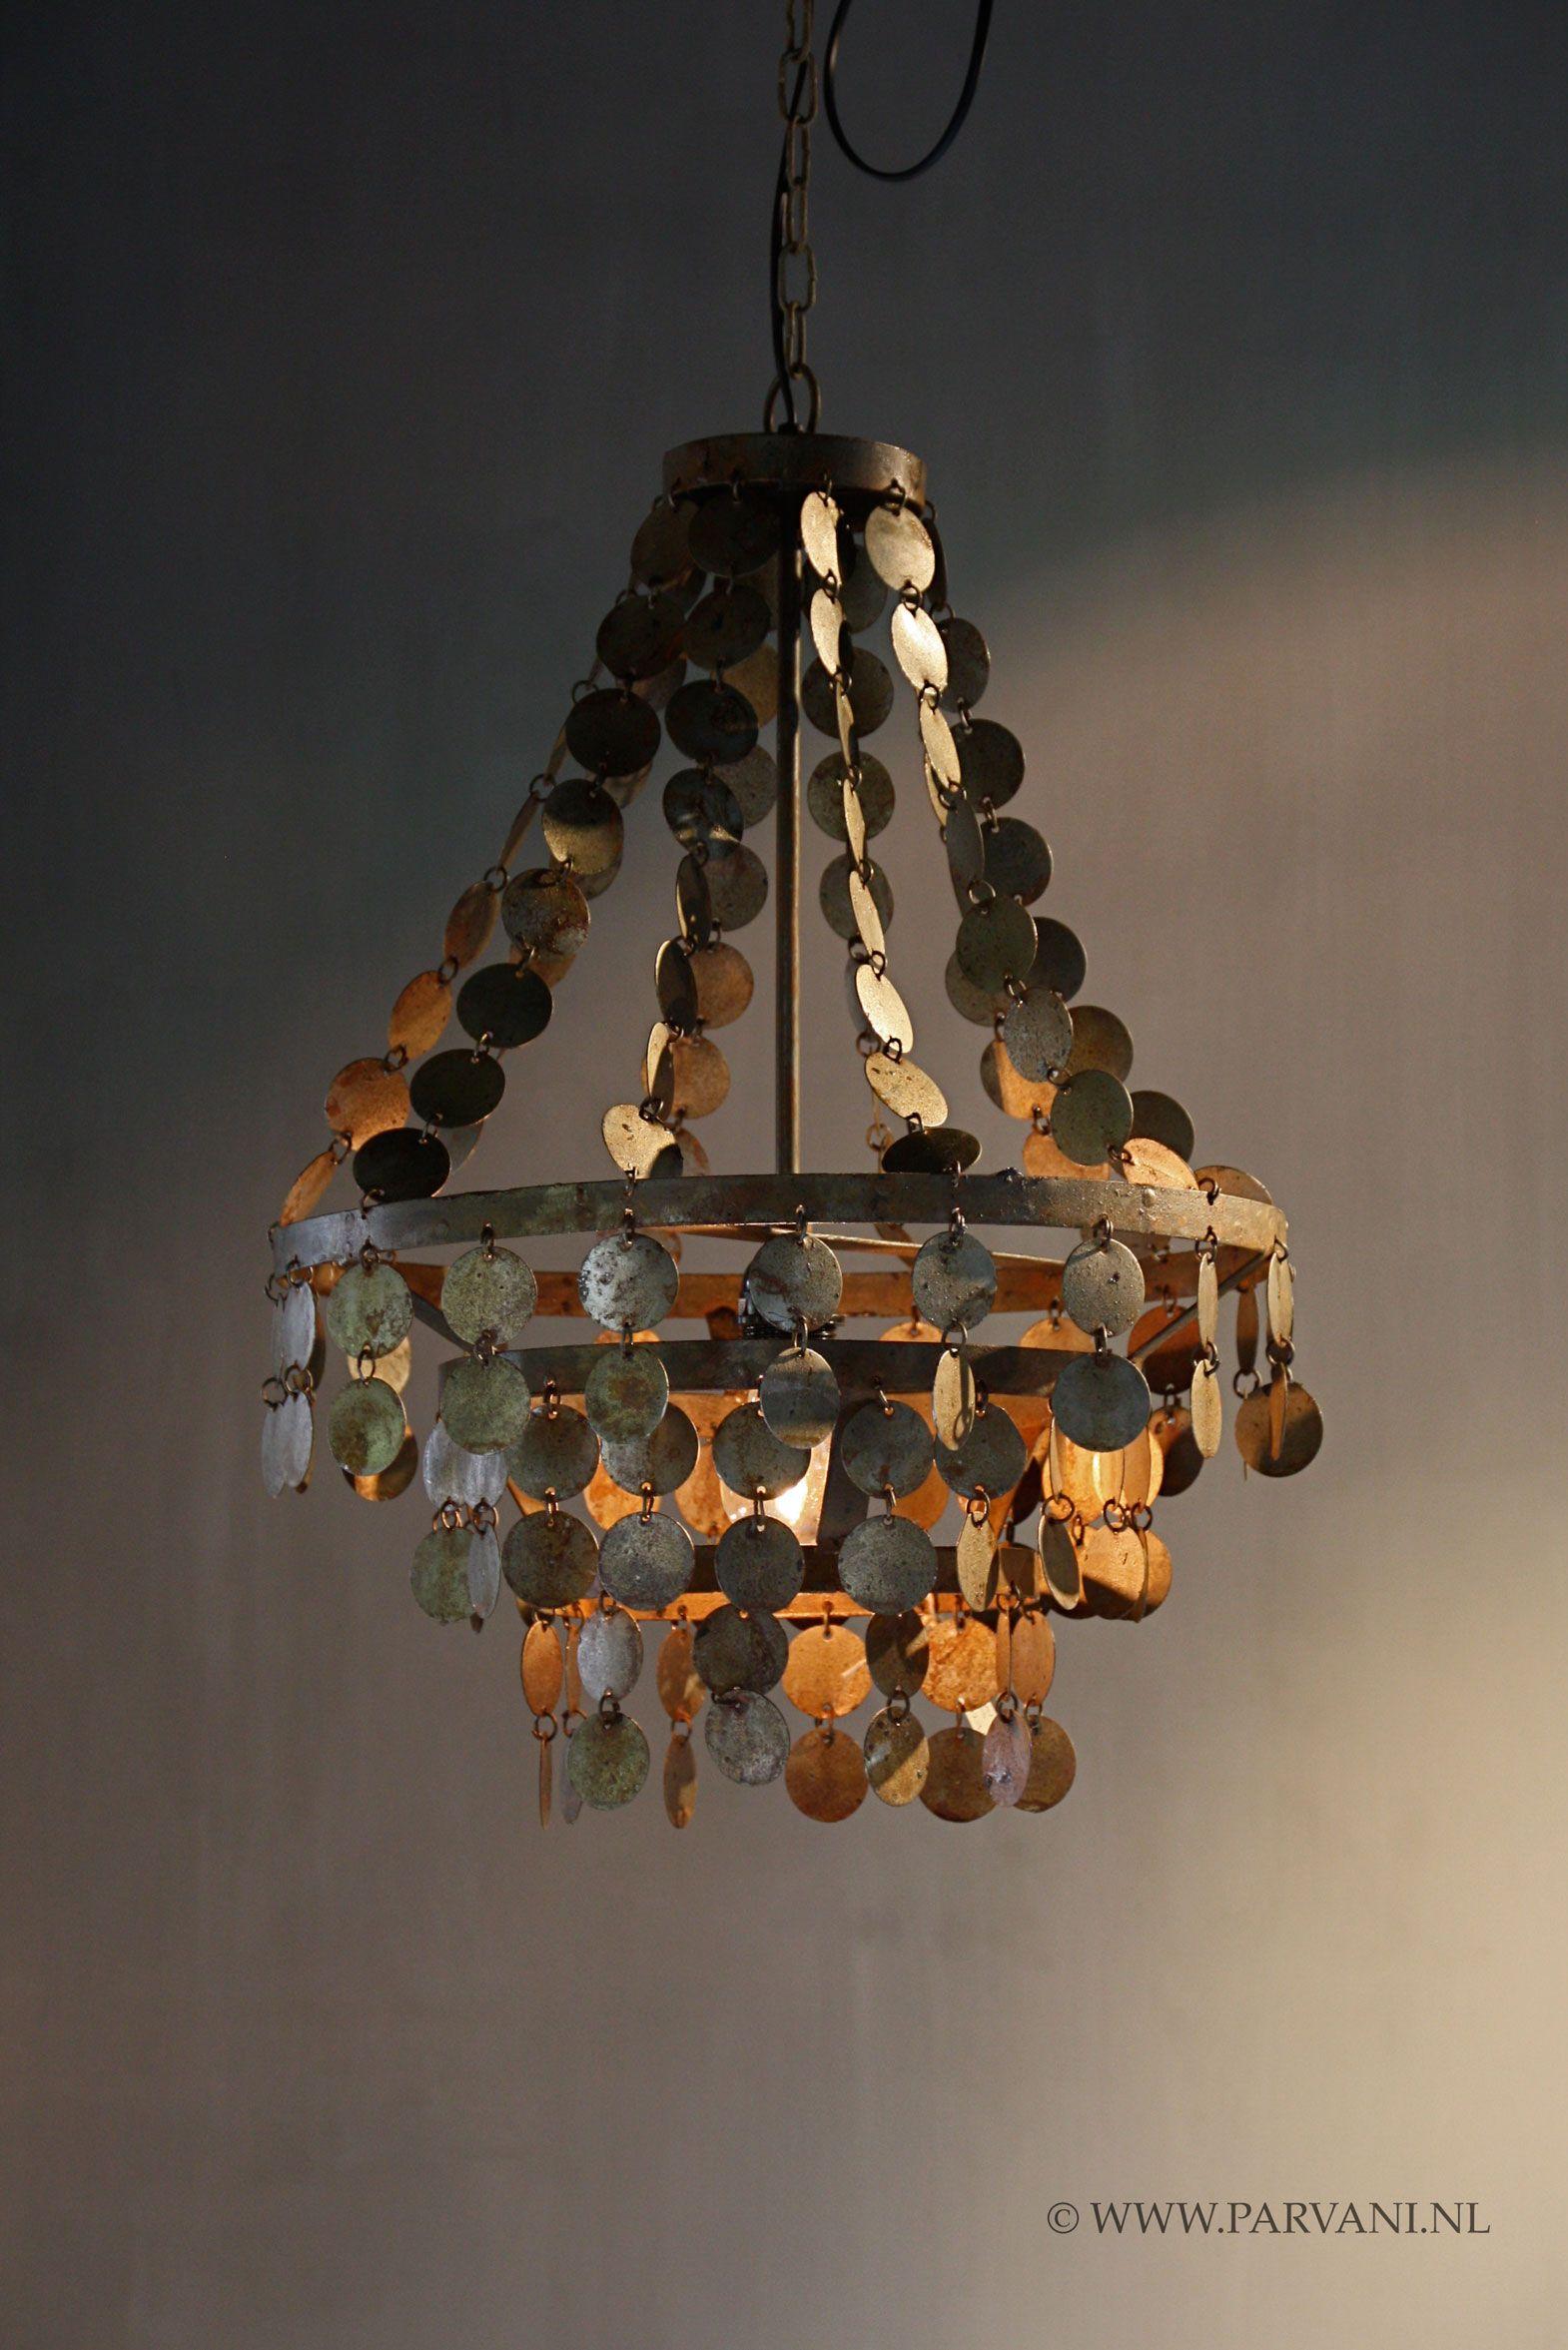 Verwonderend Parvani | Kroonluchter-Hoffz-ijzeren-schijfjes-hanglamp | Parvani DE-42